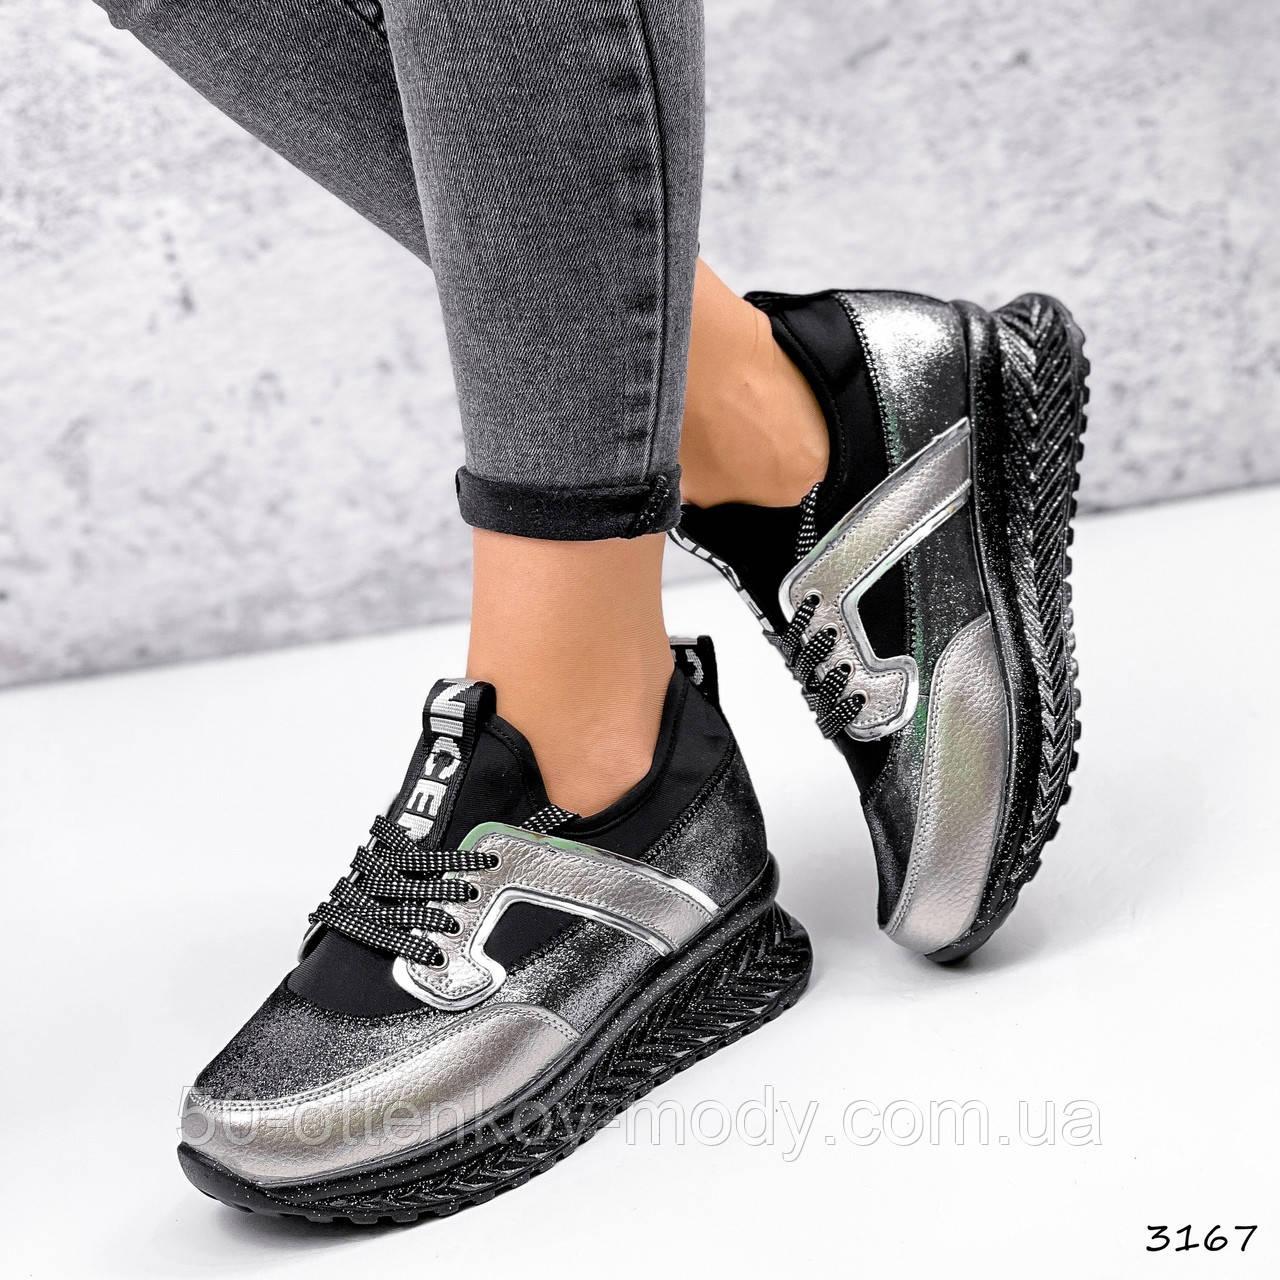 Жіночі кросівки шкіряні з напиленням чорні